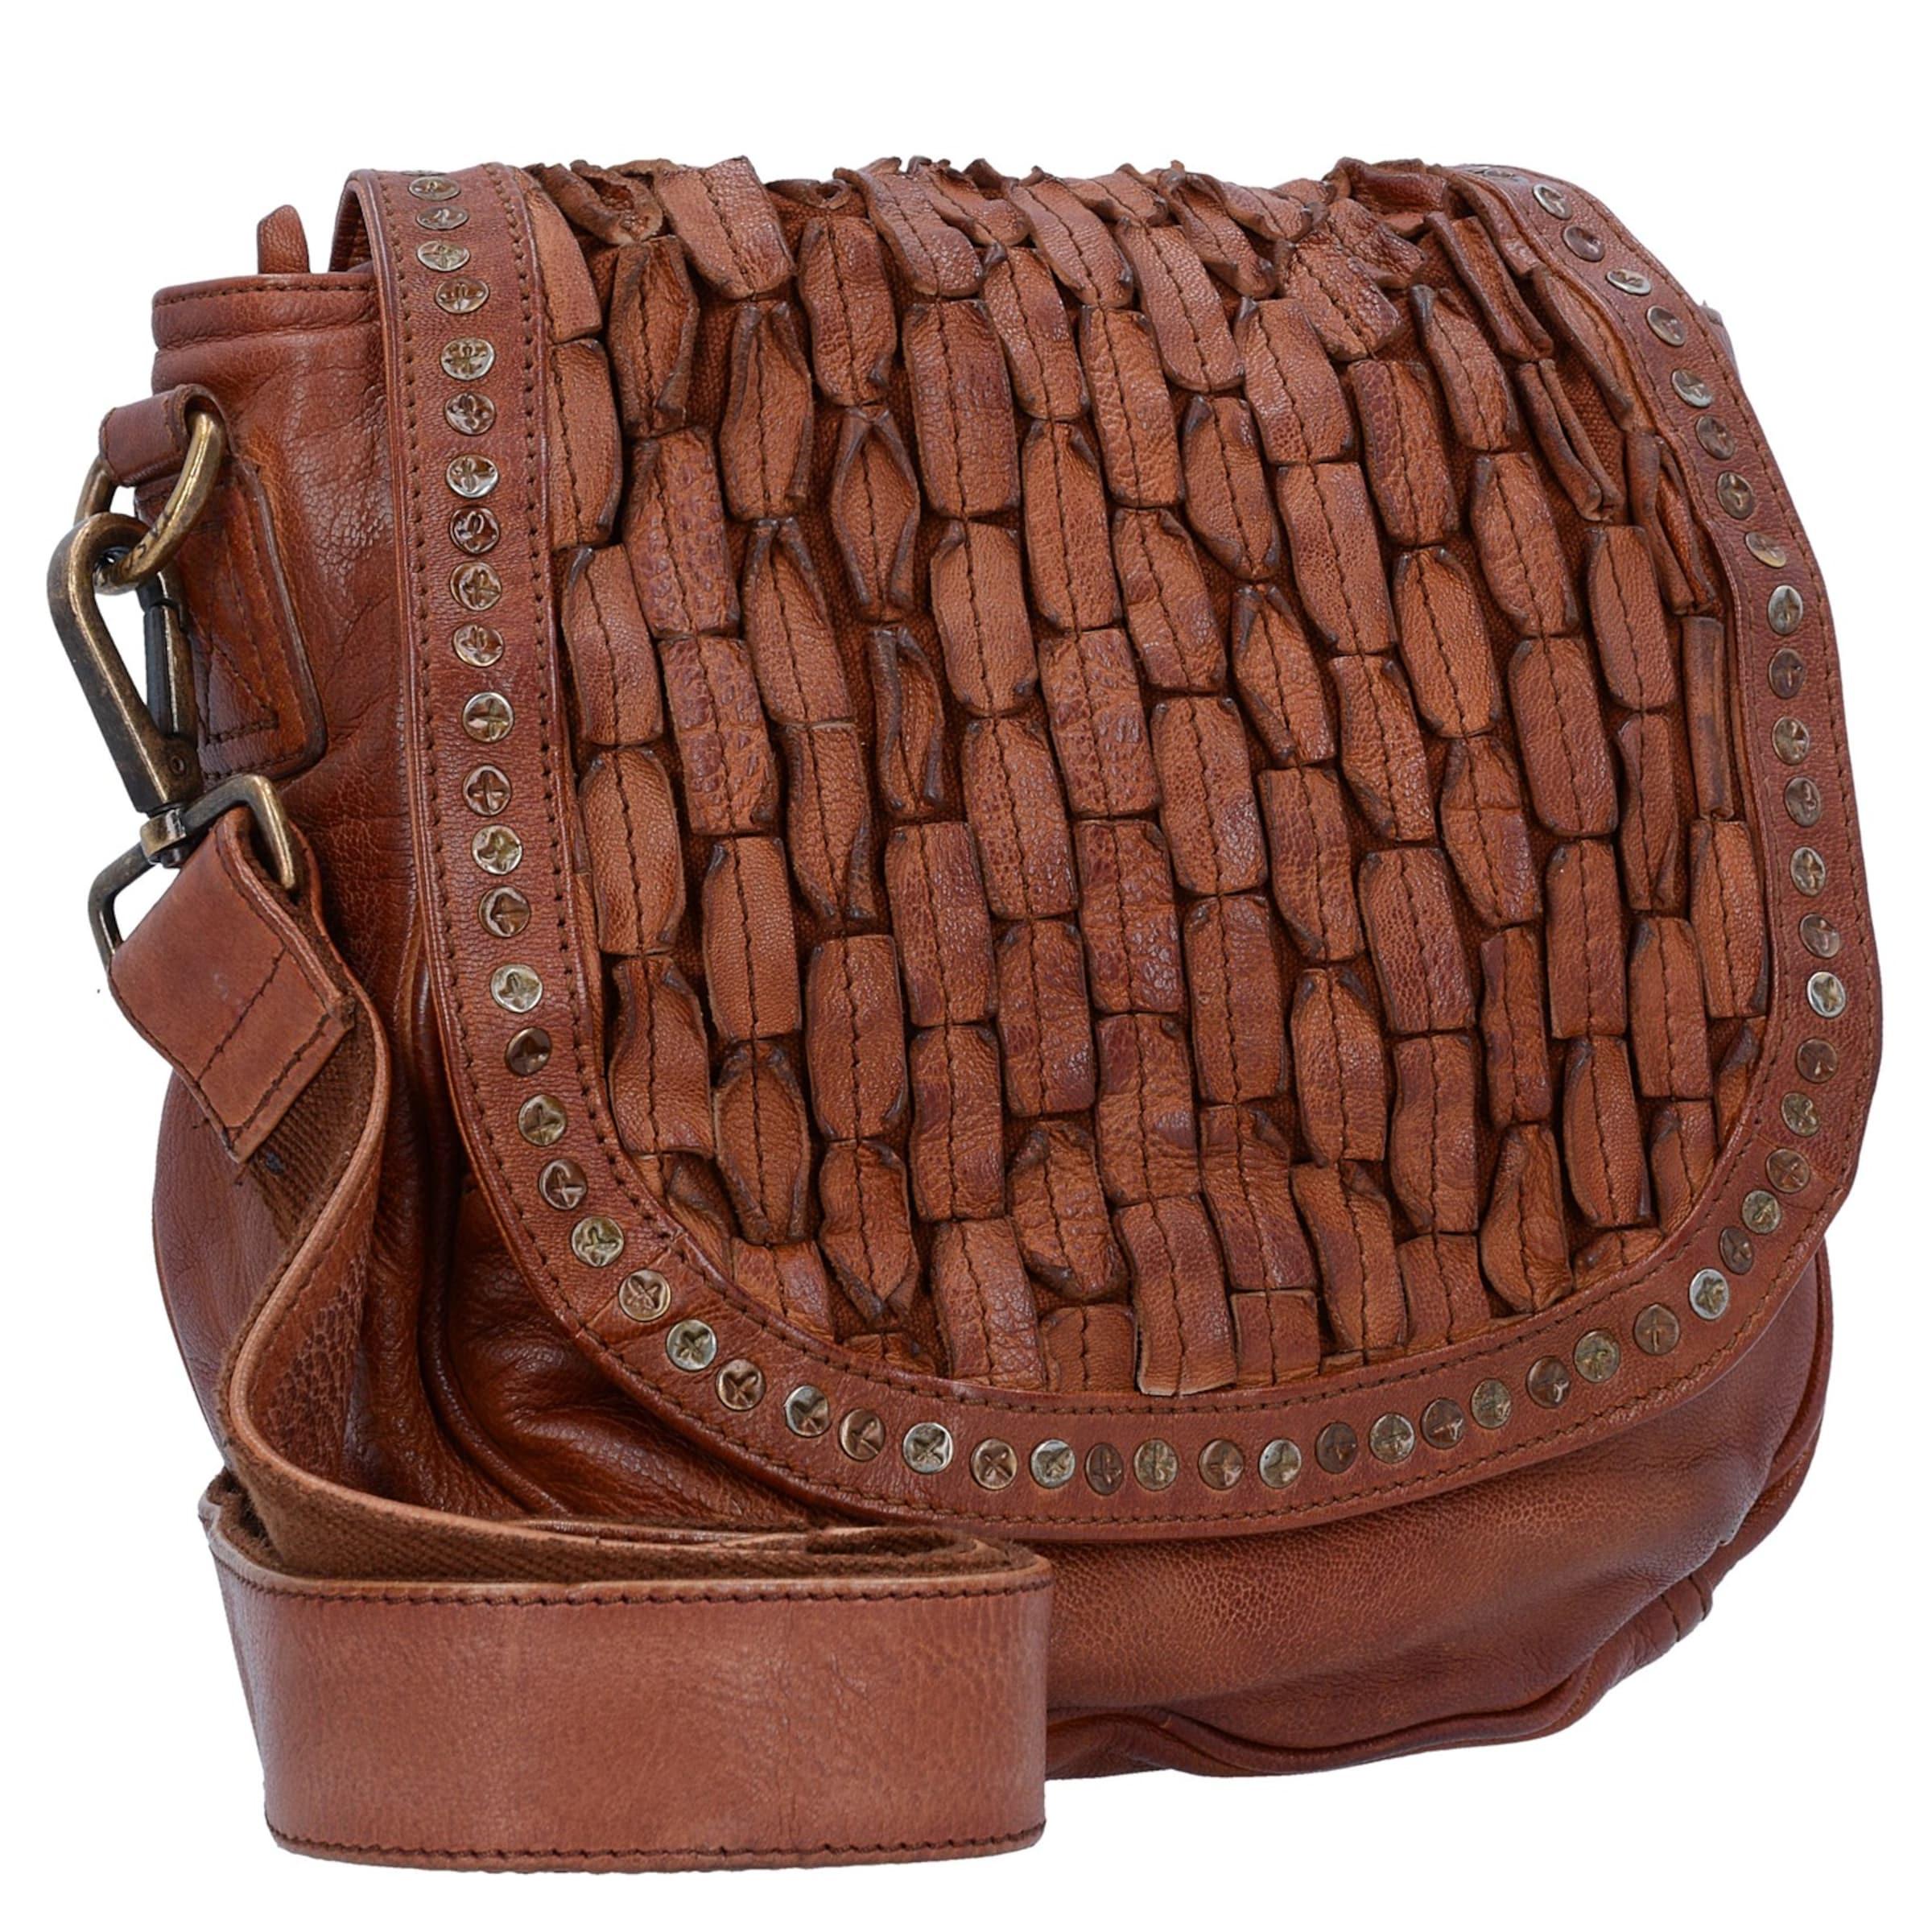 Taschendieb Wien Umhängetasche Leder 26 cm Erhalten Online Kaufen MwLJGQb6